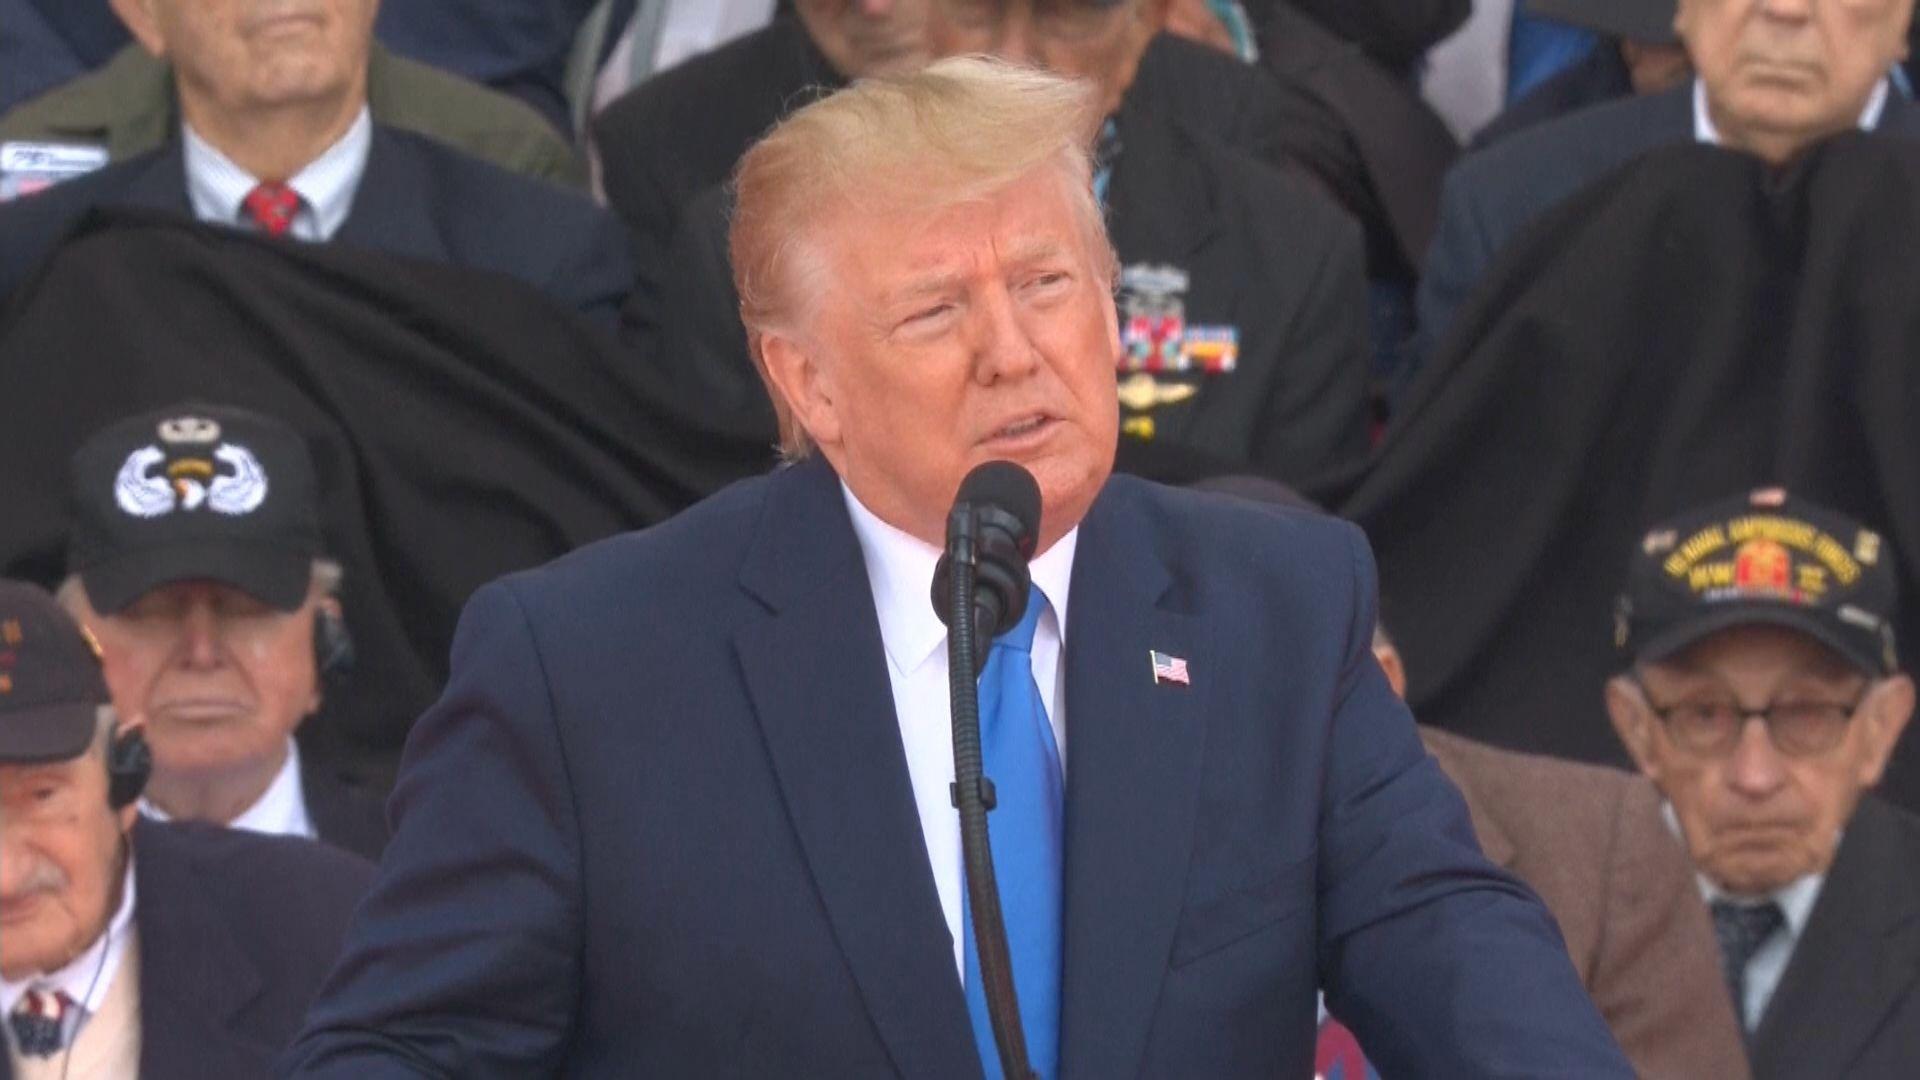 諾曼第登陸紀念活動 特朗普讚揚美軍貢獻